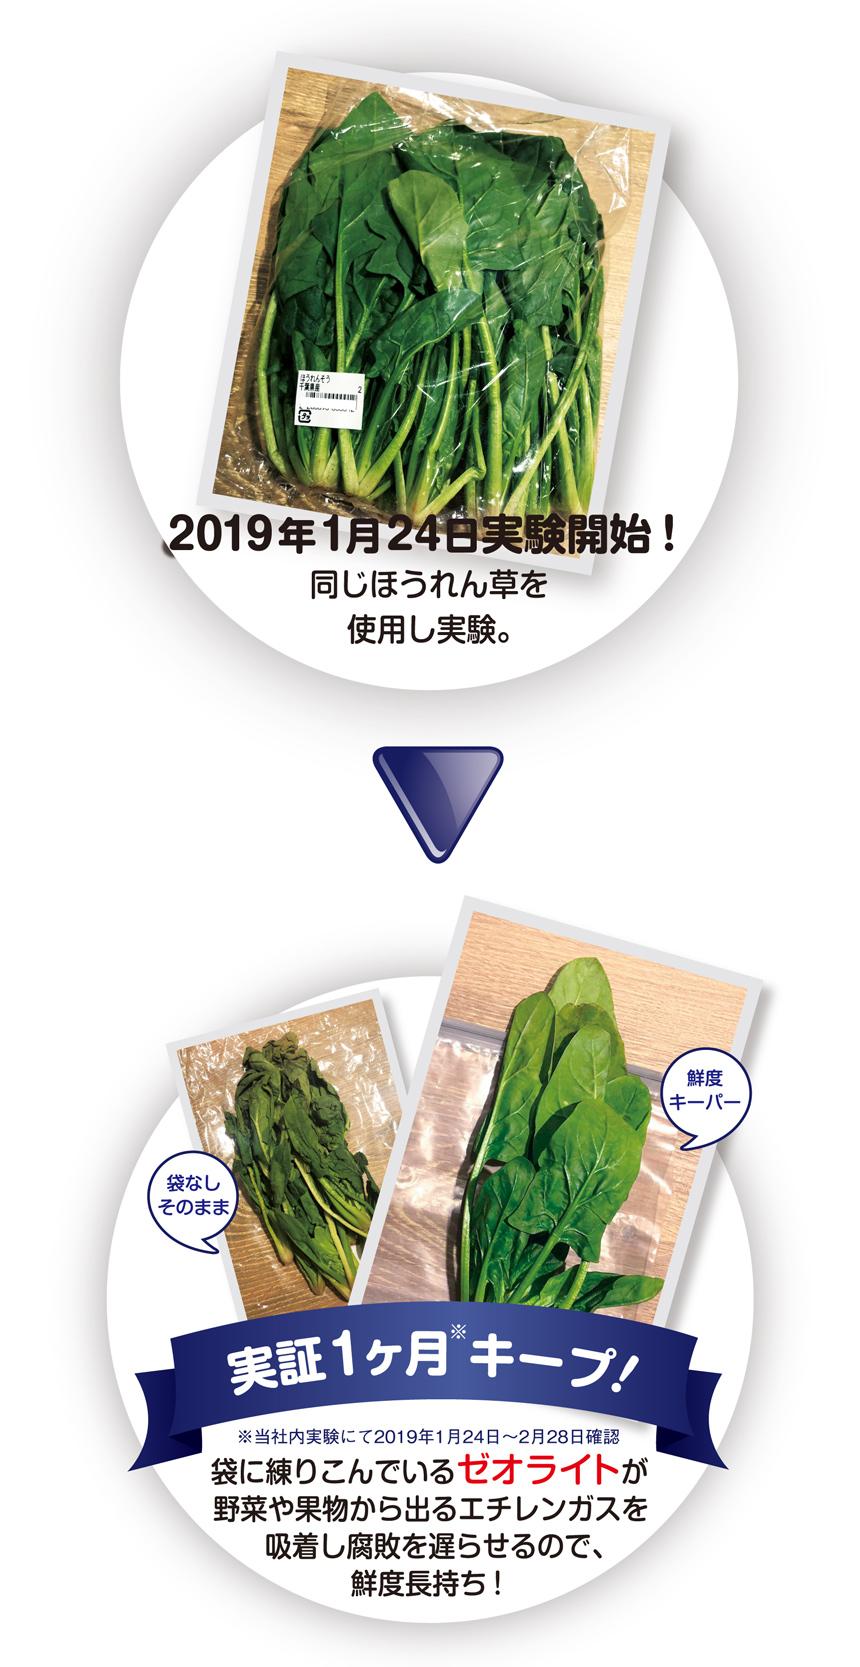 2019年1月24日実験開始!同じほうれん草を使用し実験。実証1ヶ月※キープ!※当社内実験にて2019年1月24日〜2月28日確認  袋に練りこんでいる「ゼオライト」が野菜や果物から出るエチレンガスを吸着し腐敗を遅らせるので、鮮度長持ち!